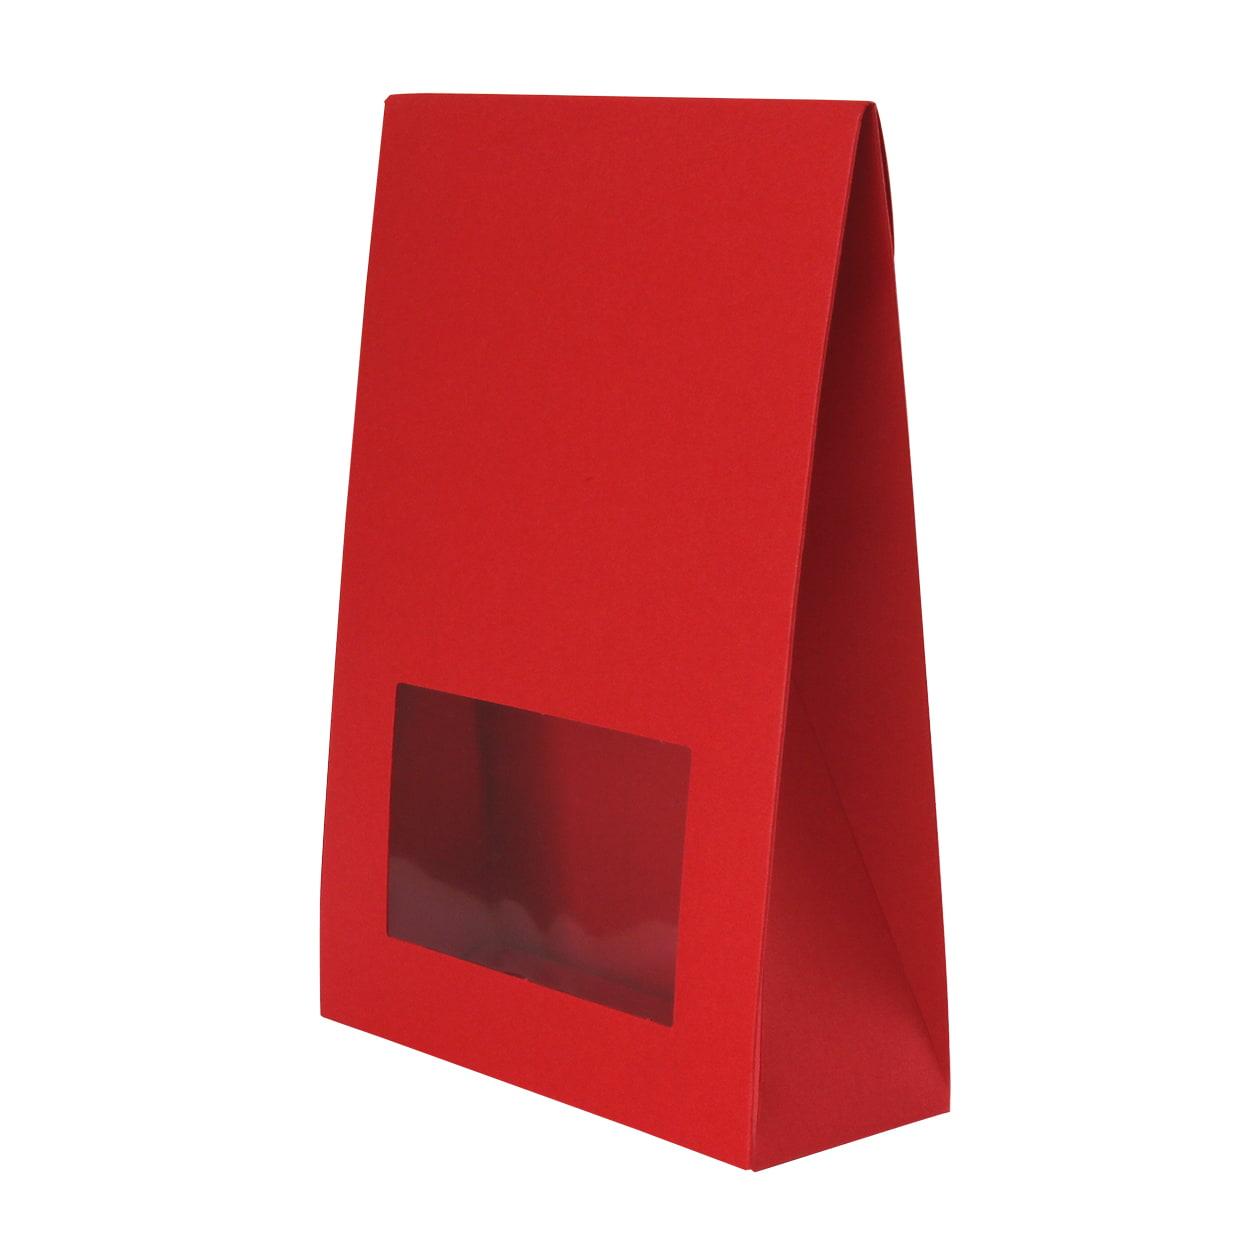 角底箱ロック式120×180×50 窓付 ボード紙 レッド 250g